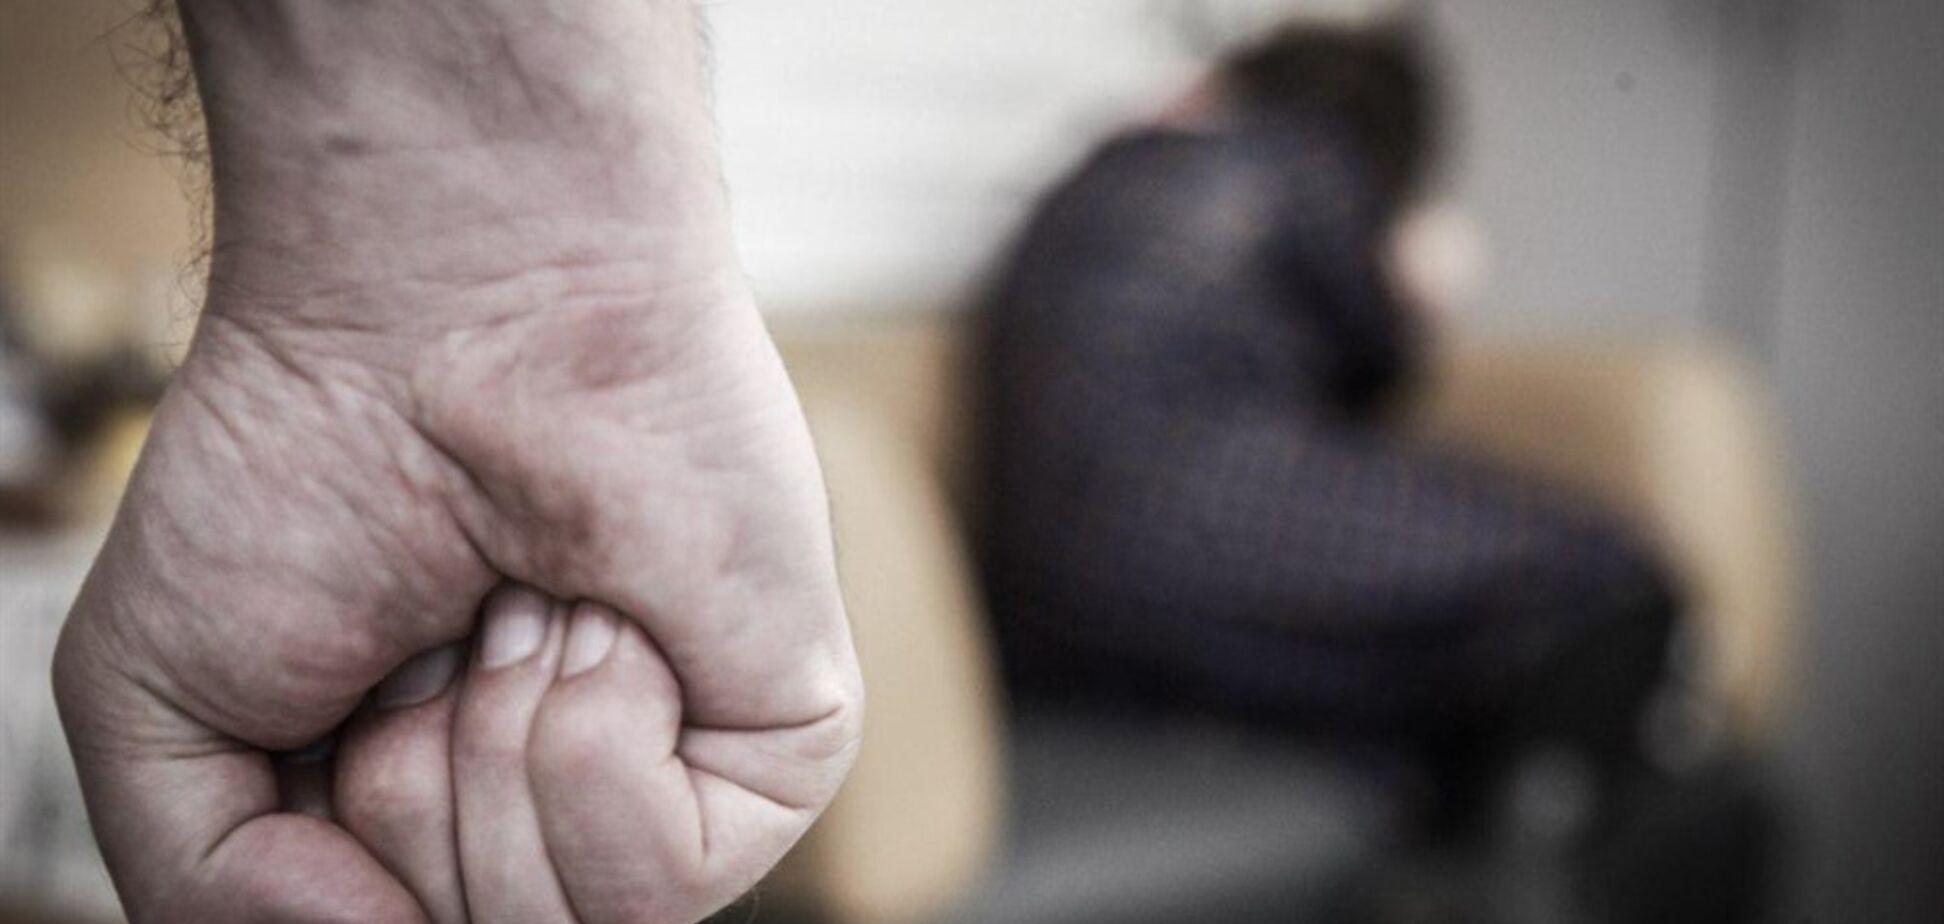 Знущається над мамою, а поліція мовчить: в Нікополі забили на сполох через чоловіка-ката